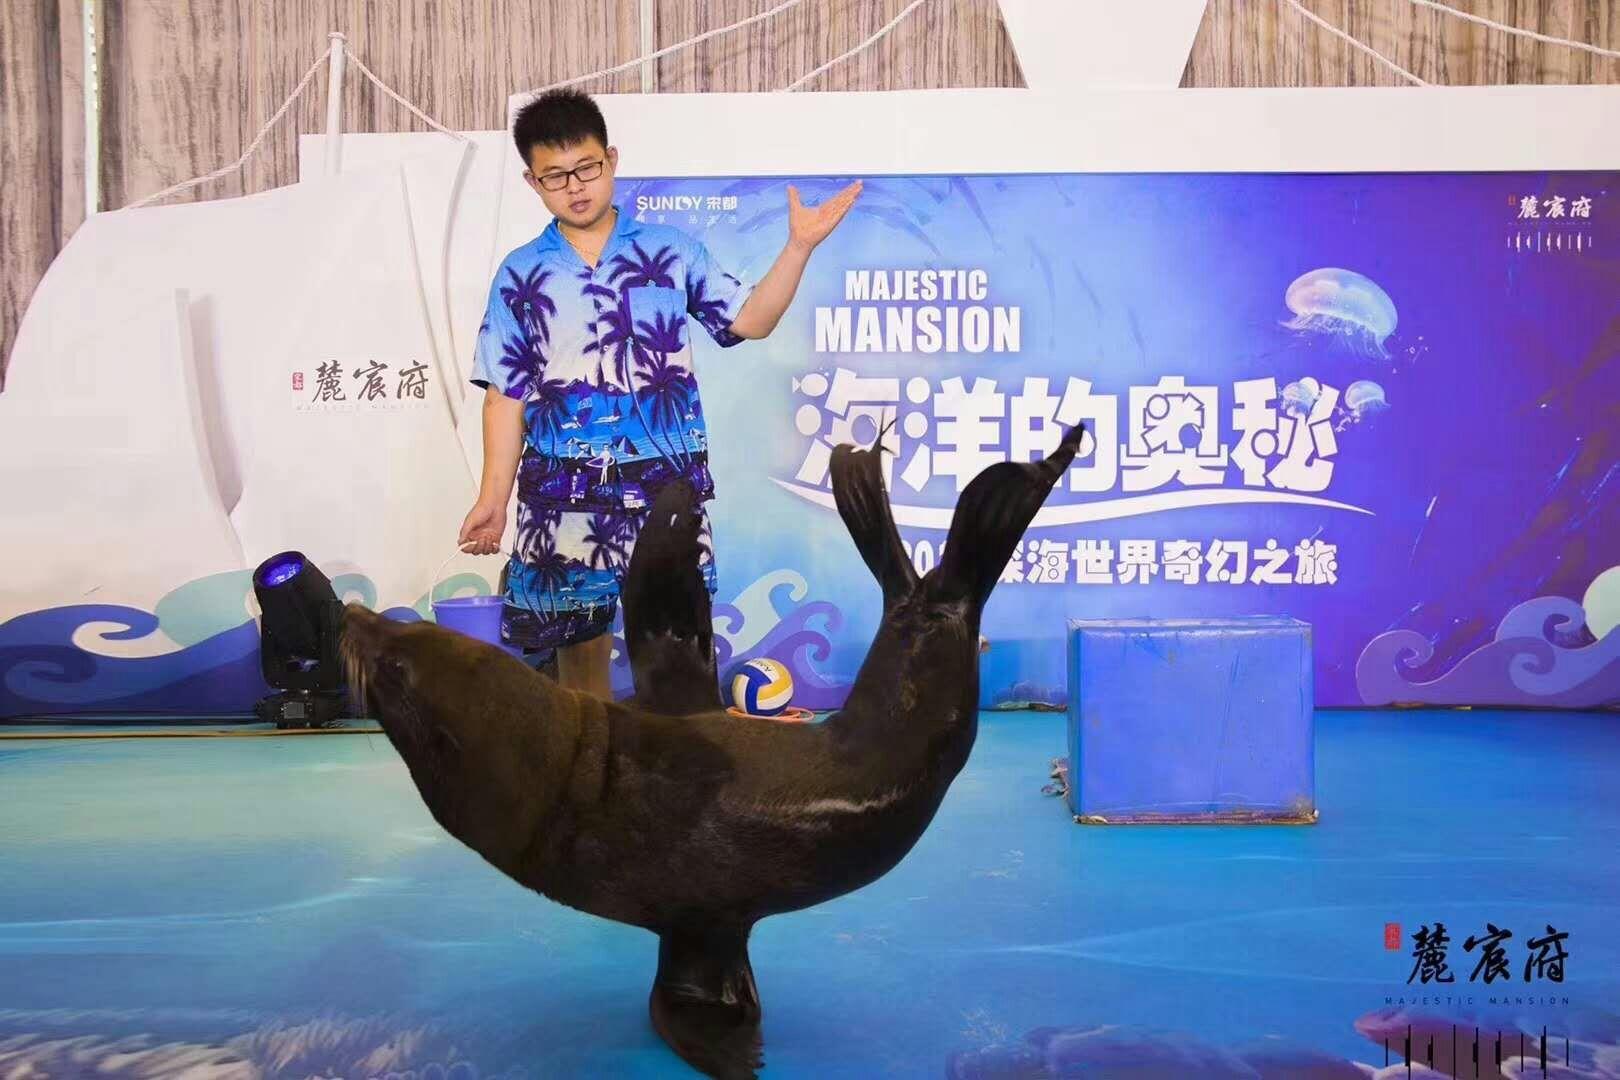 泰山海洋动物鱼缸水母展志成租赁公司